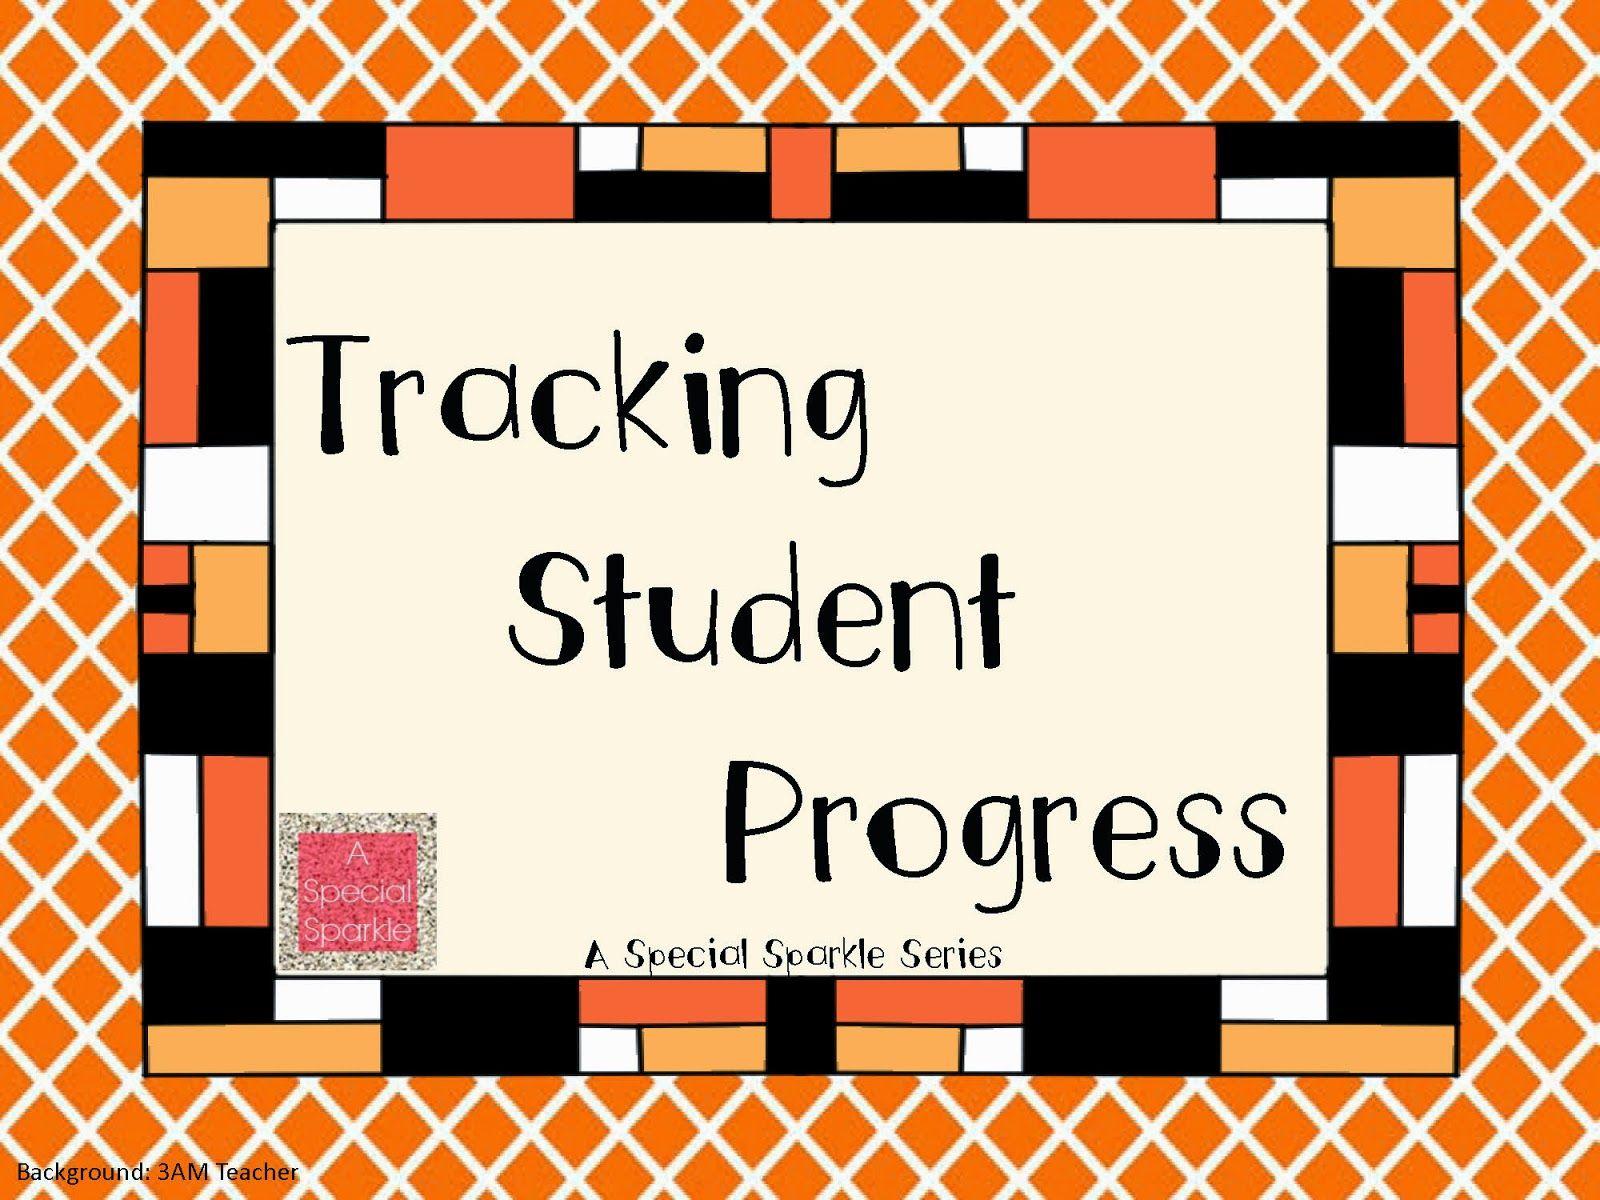 How Do You Track Progress A Special Sparkle